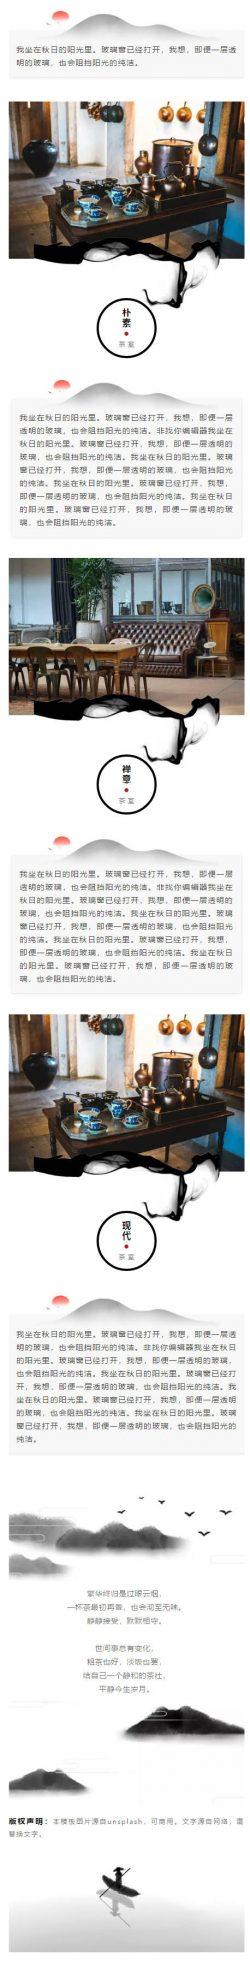 中国风水墨风格传统文化微信文章模板推送素材推文模板